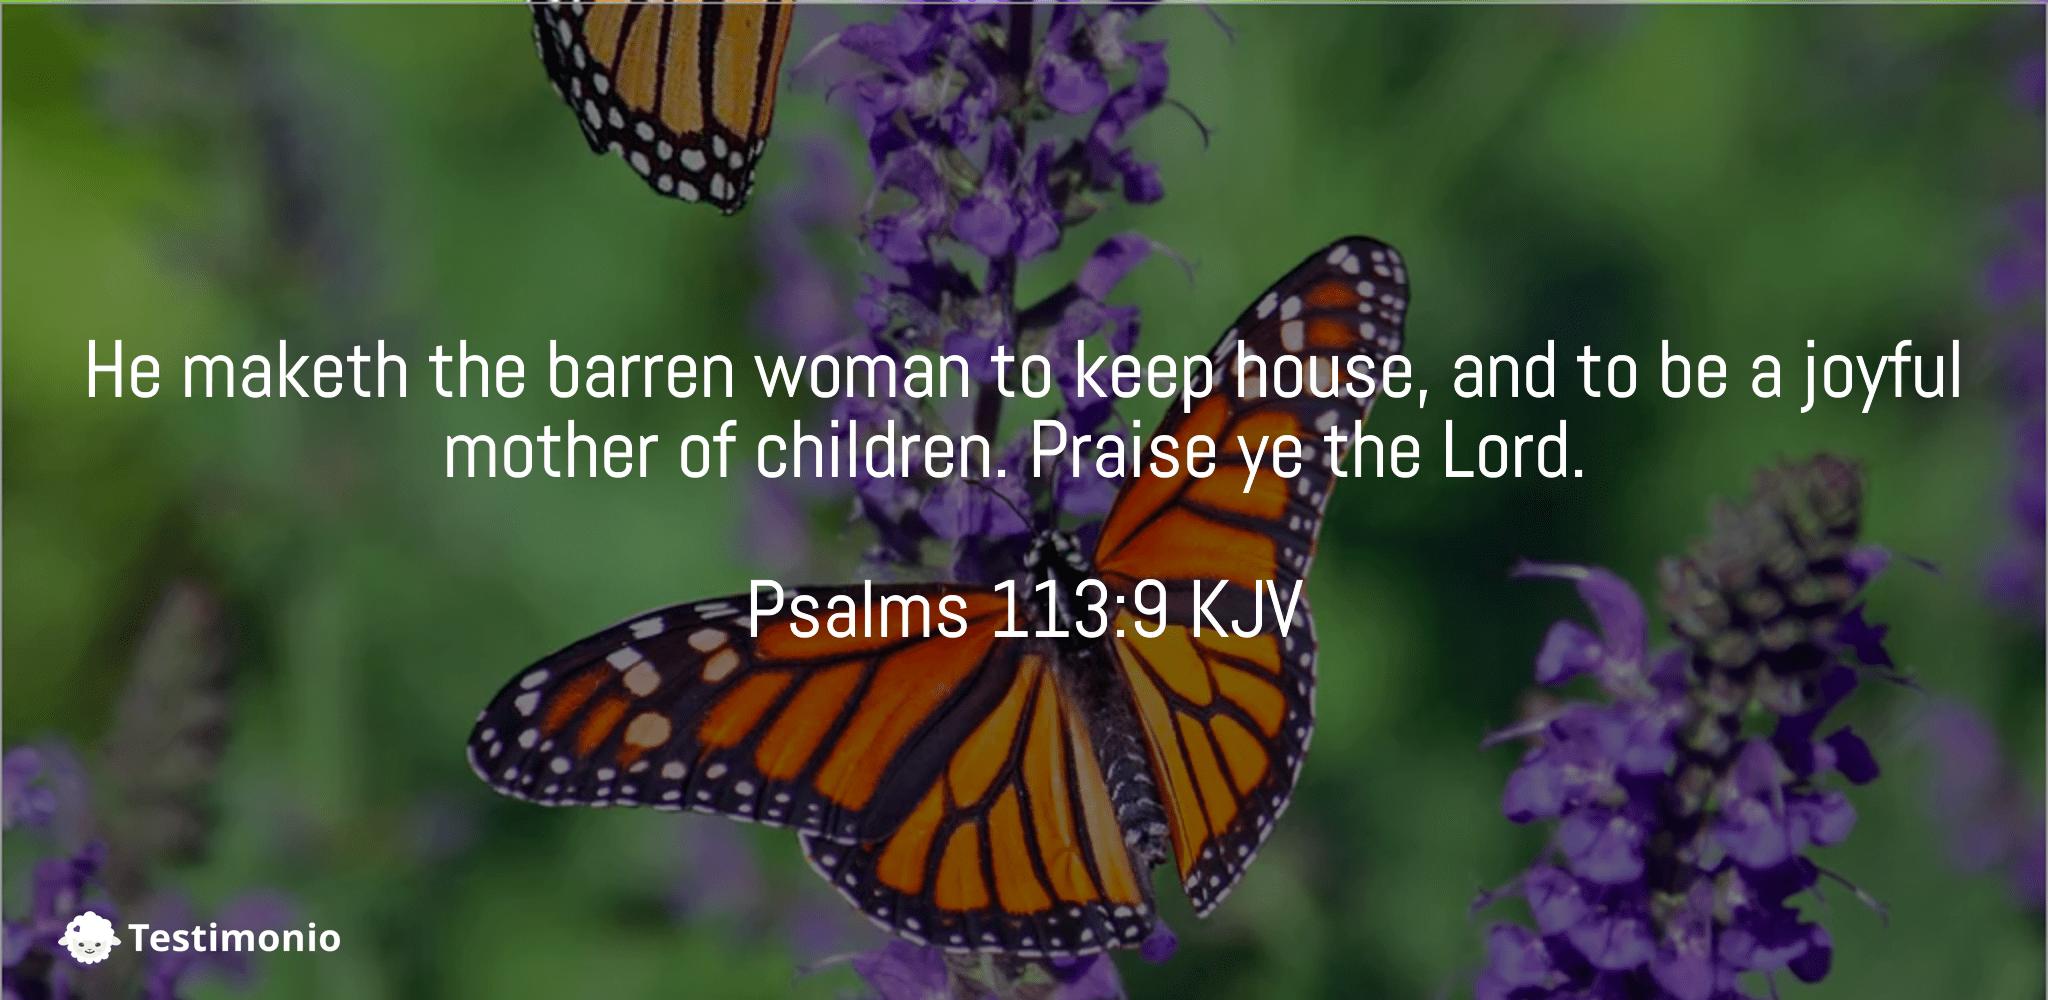 Psalms 113:9